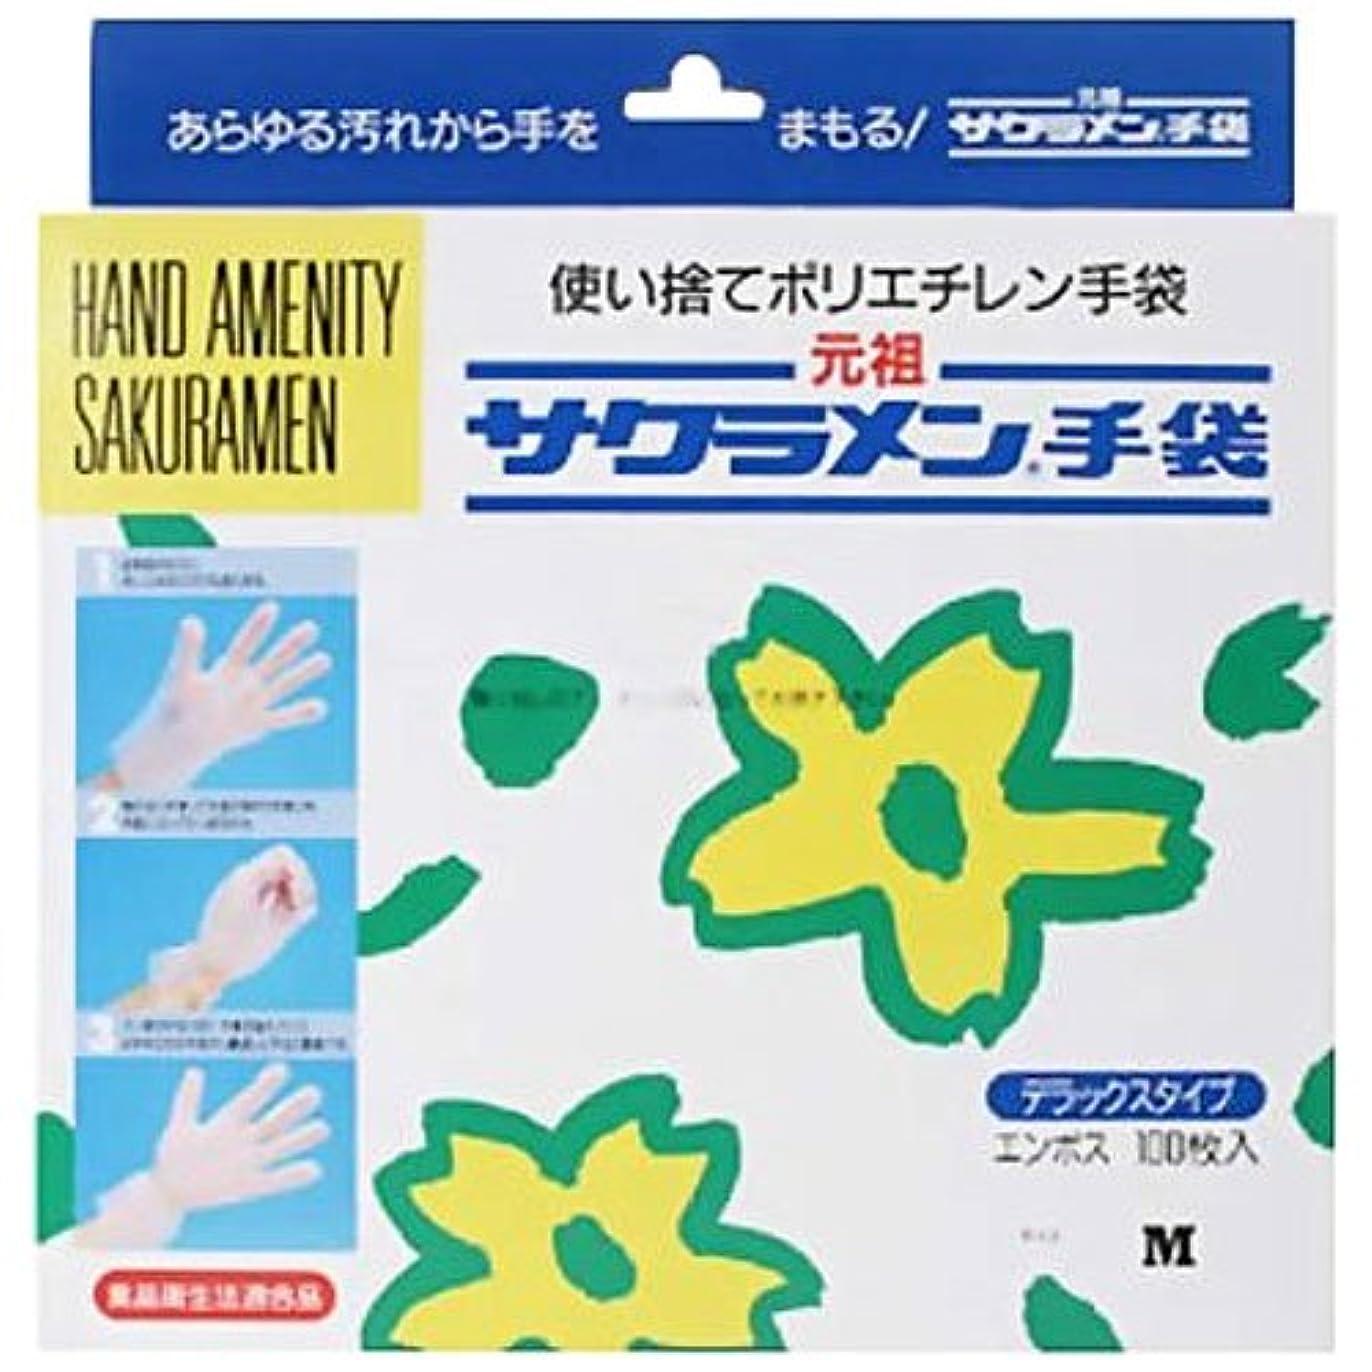 におい包帯静的サクラメン手袋 使い捨てポリエチレン手袋 サクラメン手袋 デラックス エンボス M 100枚入 SAE-100M